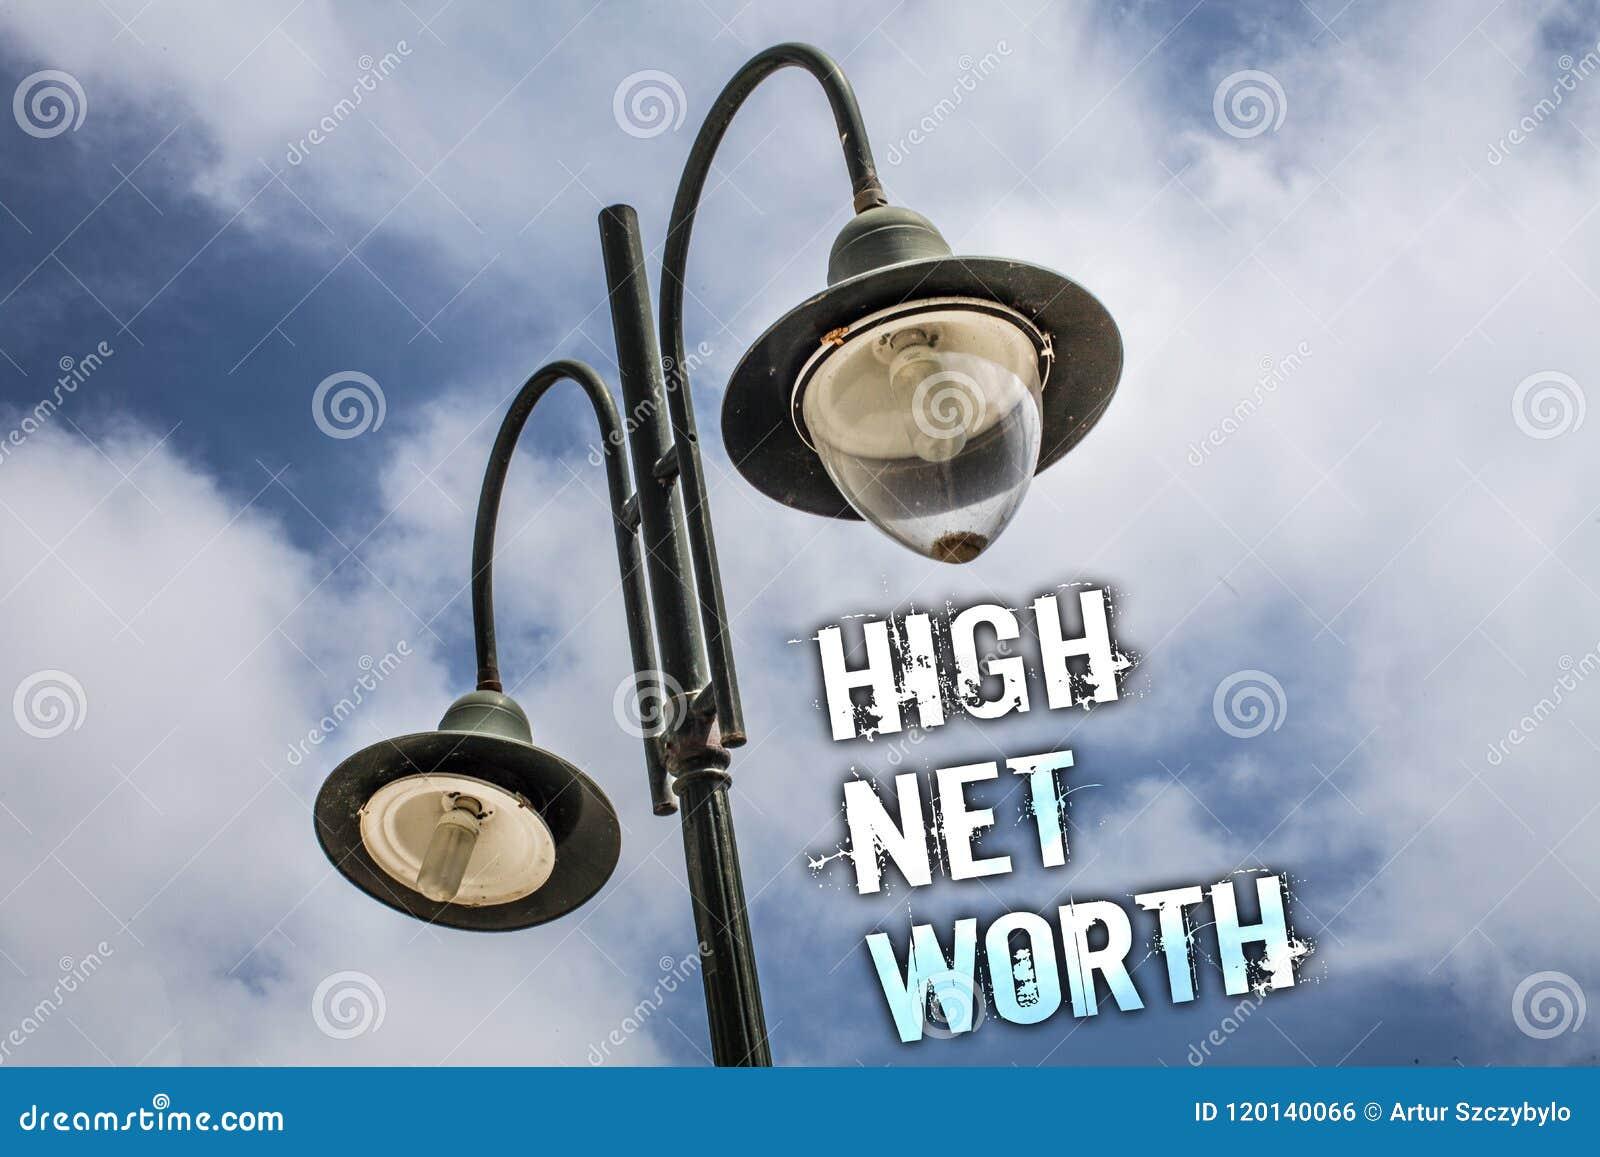 Tekstteken die Hoge Netto Waarde tonen Conceptuele hoogwaardig foto die iets dure a-Klasse bedrijf Dubbele Lichte posthemel hebbe